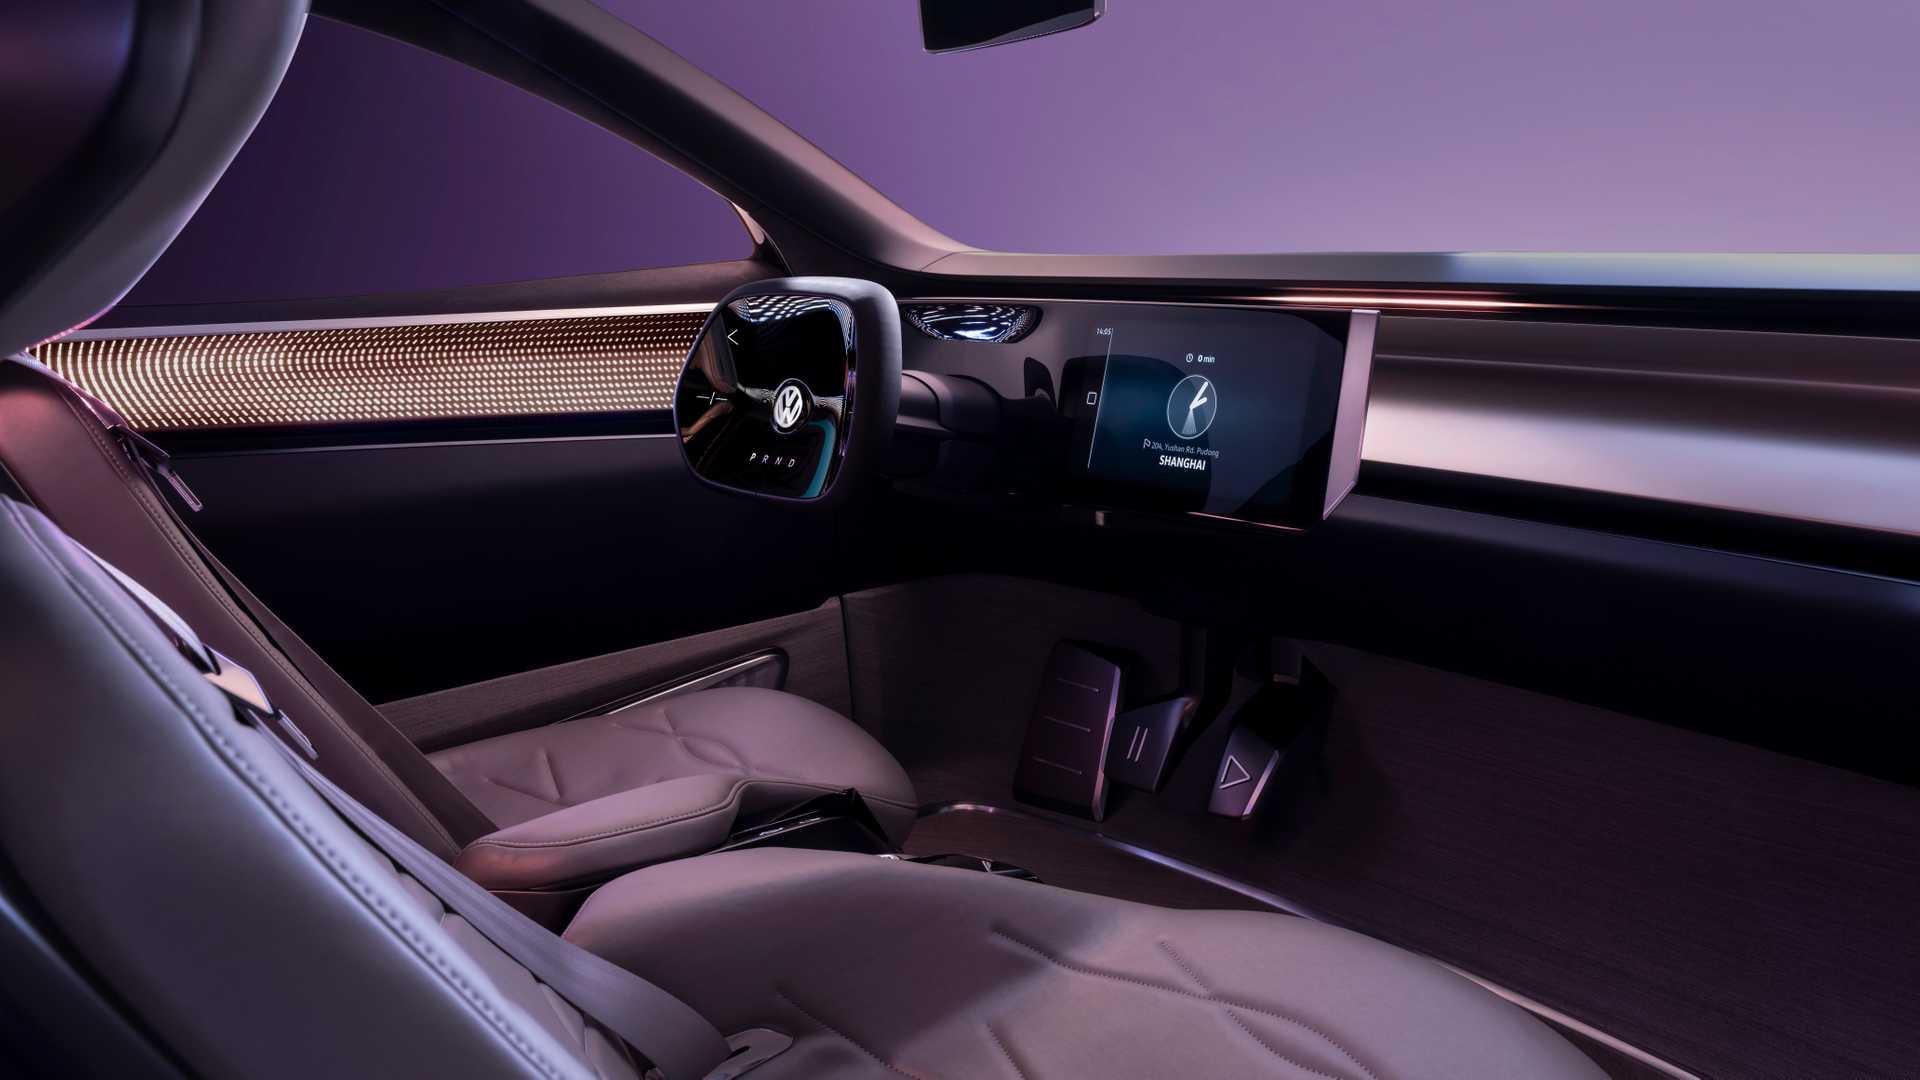 2021-volkswagen-i-d-roomzz (8)